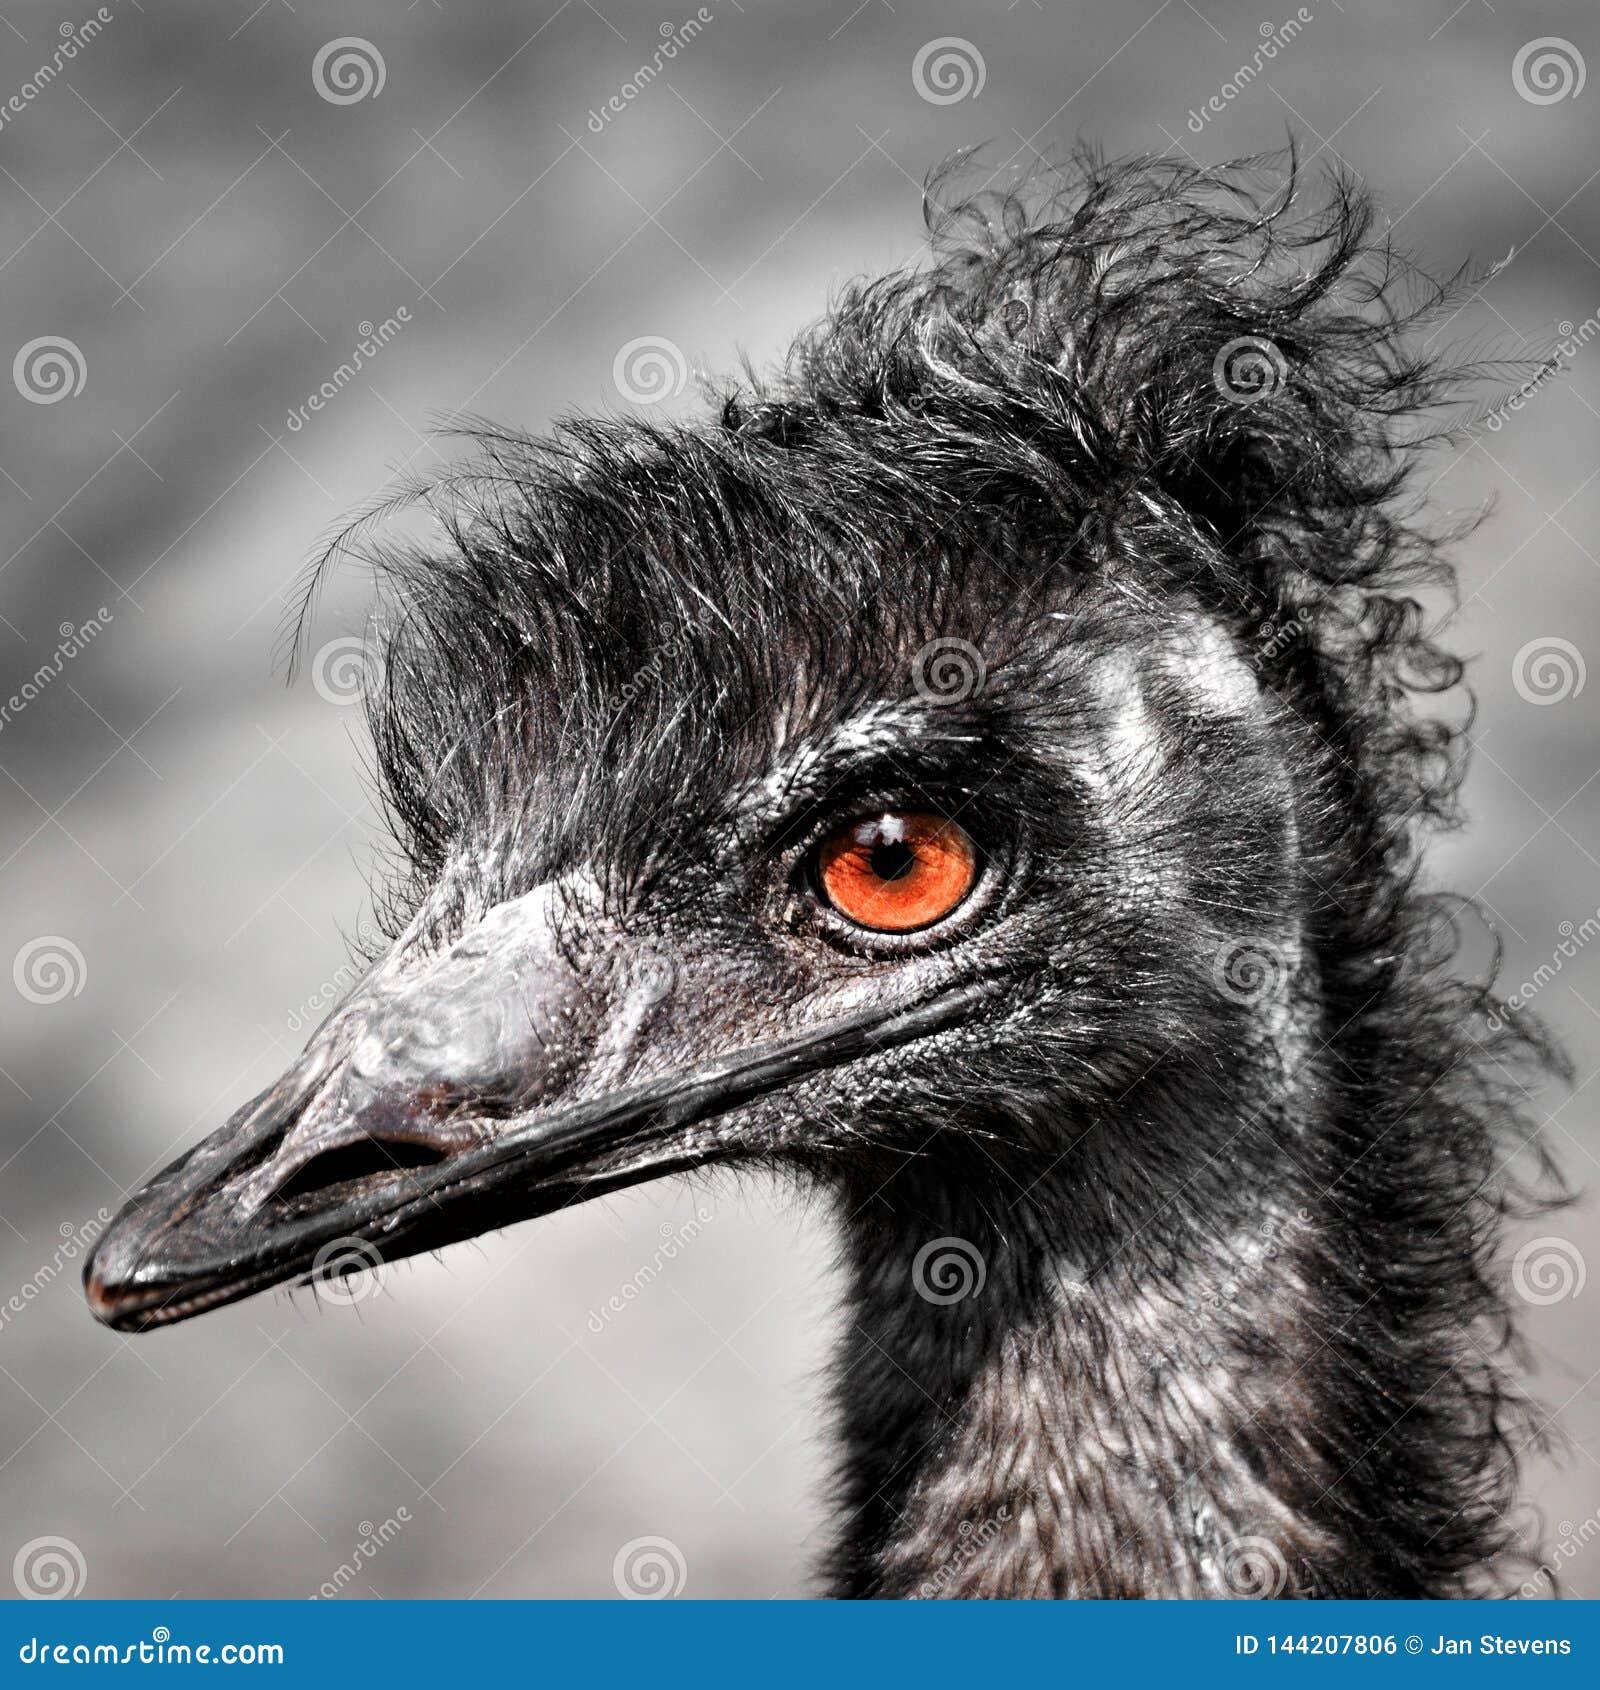 Rhea (bird